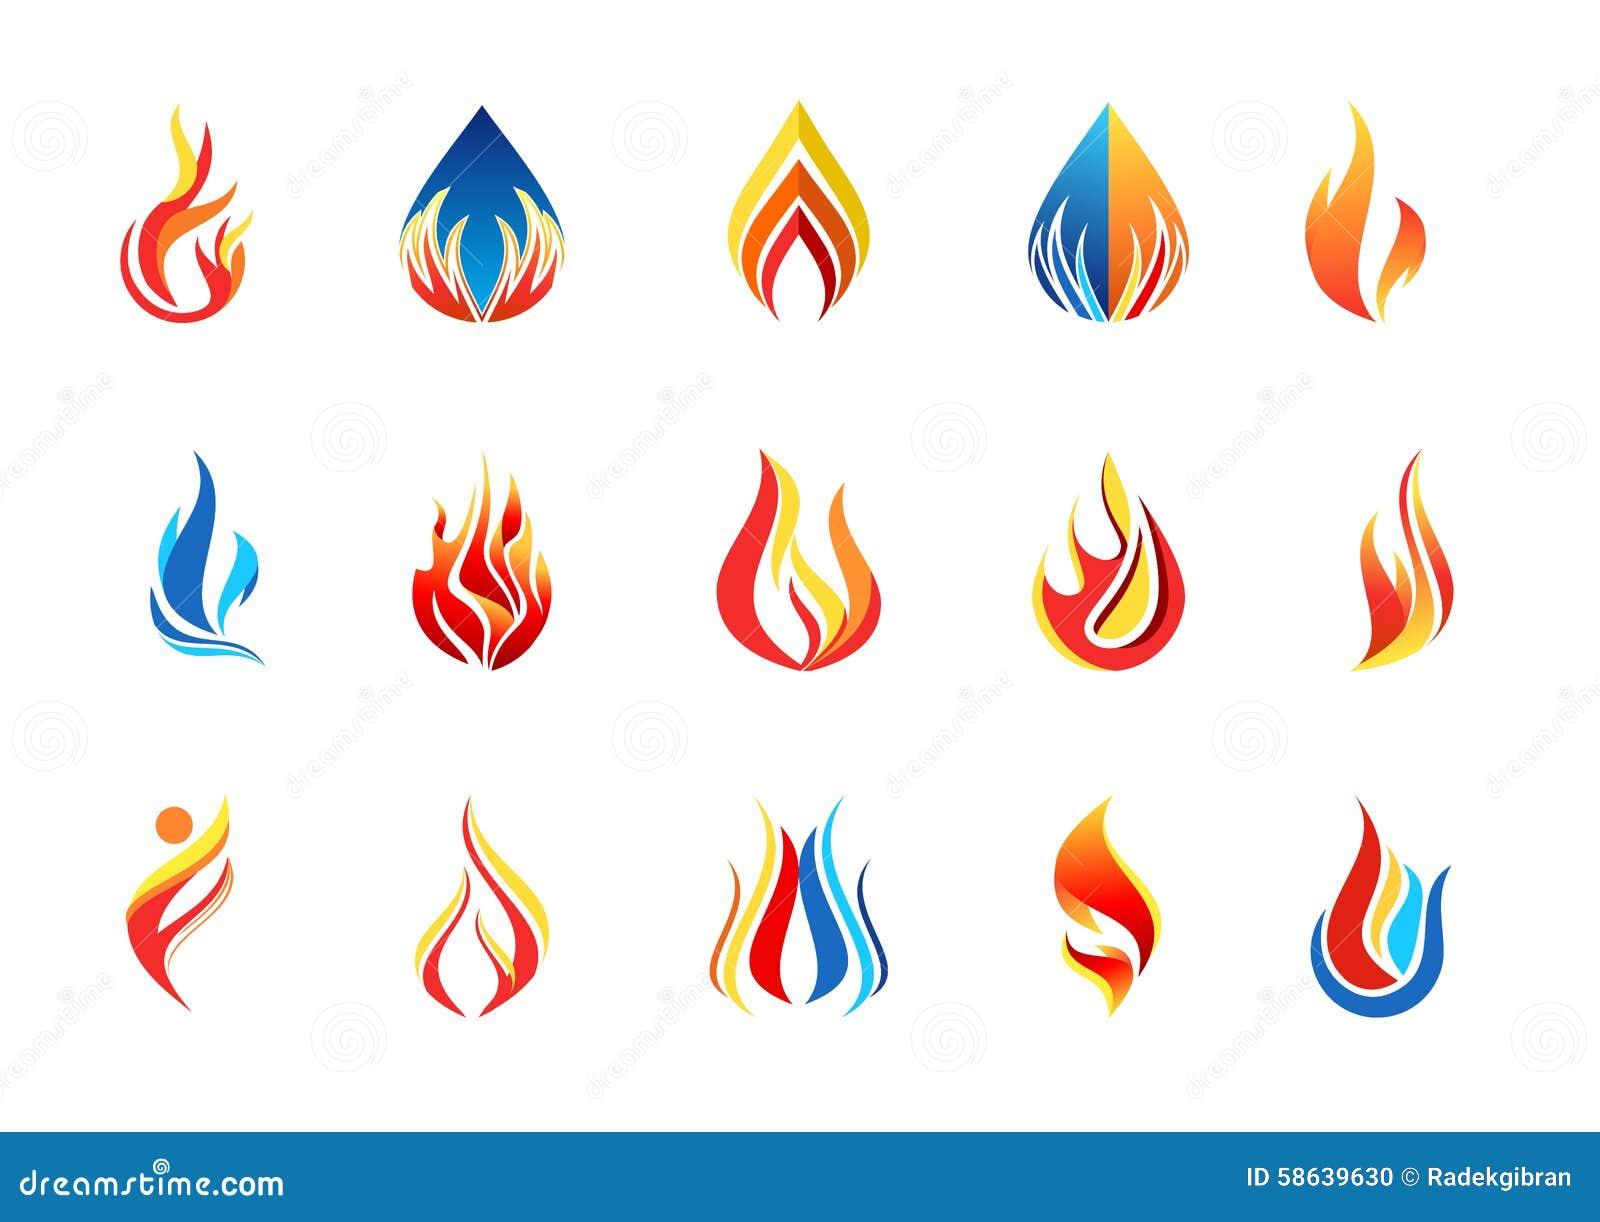 Inforni il logo della fiamma vettore moderno di for Software free progettazione interni